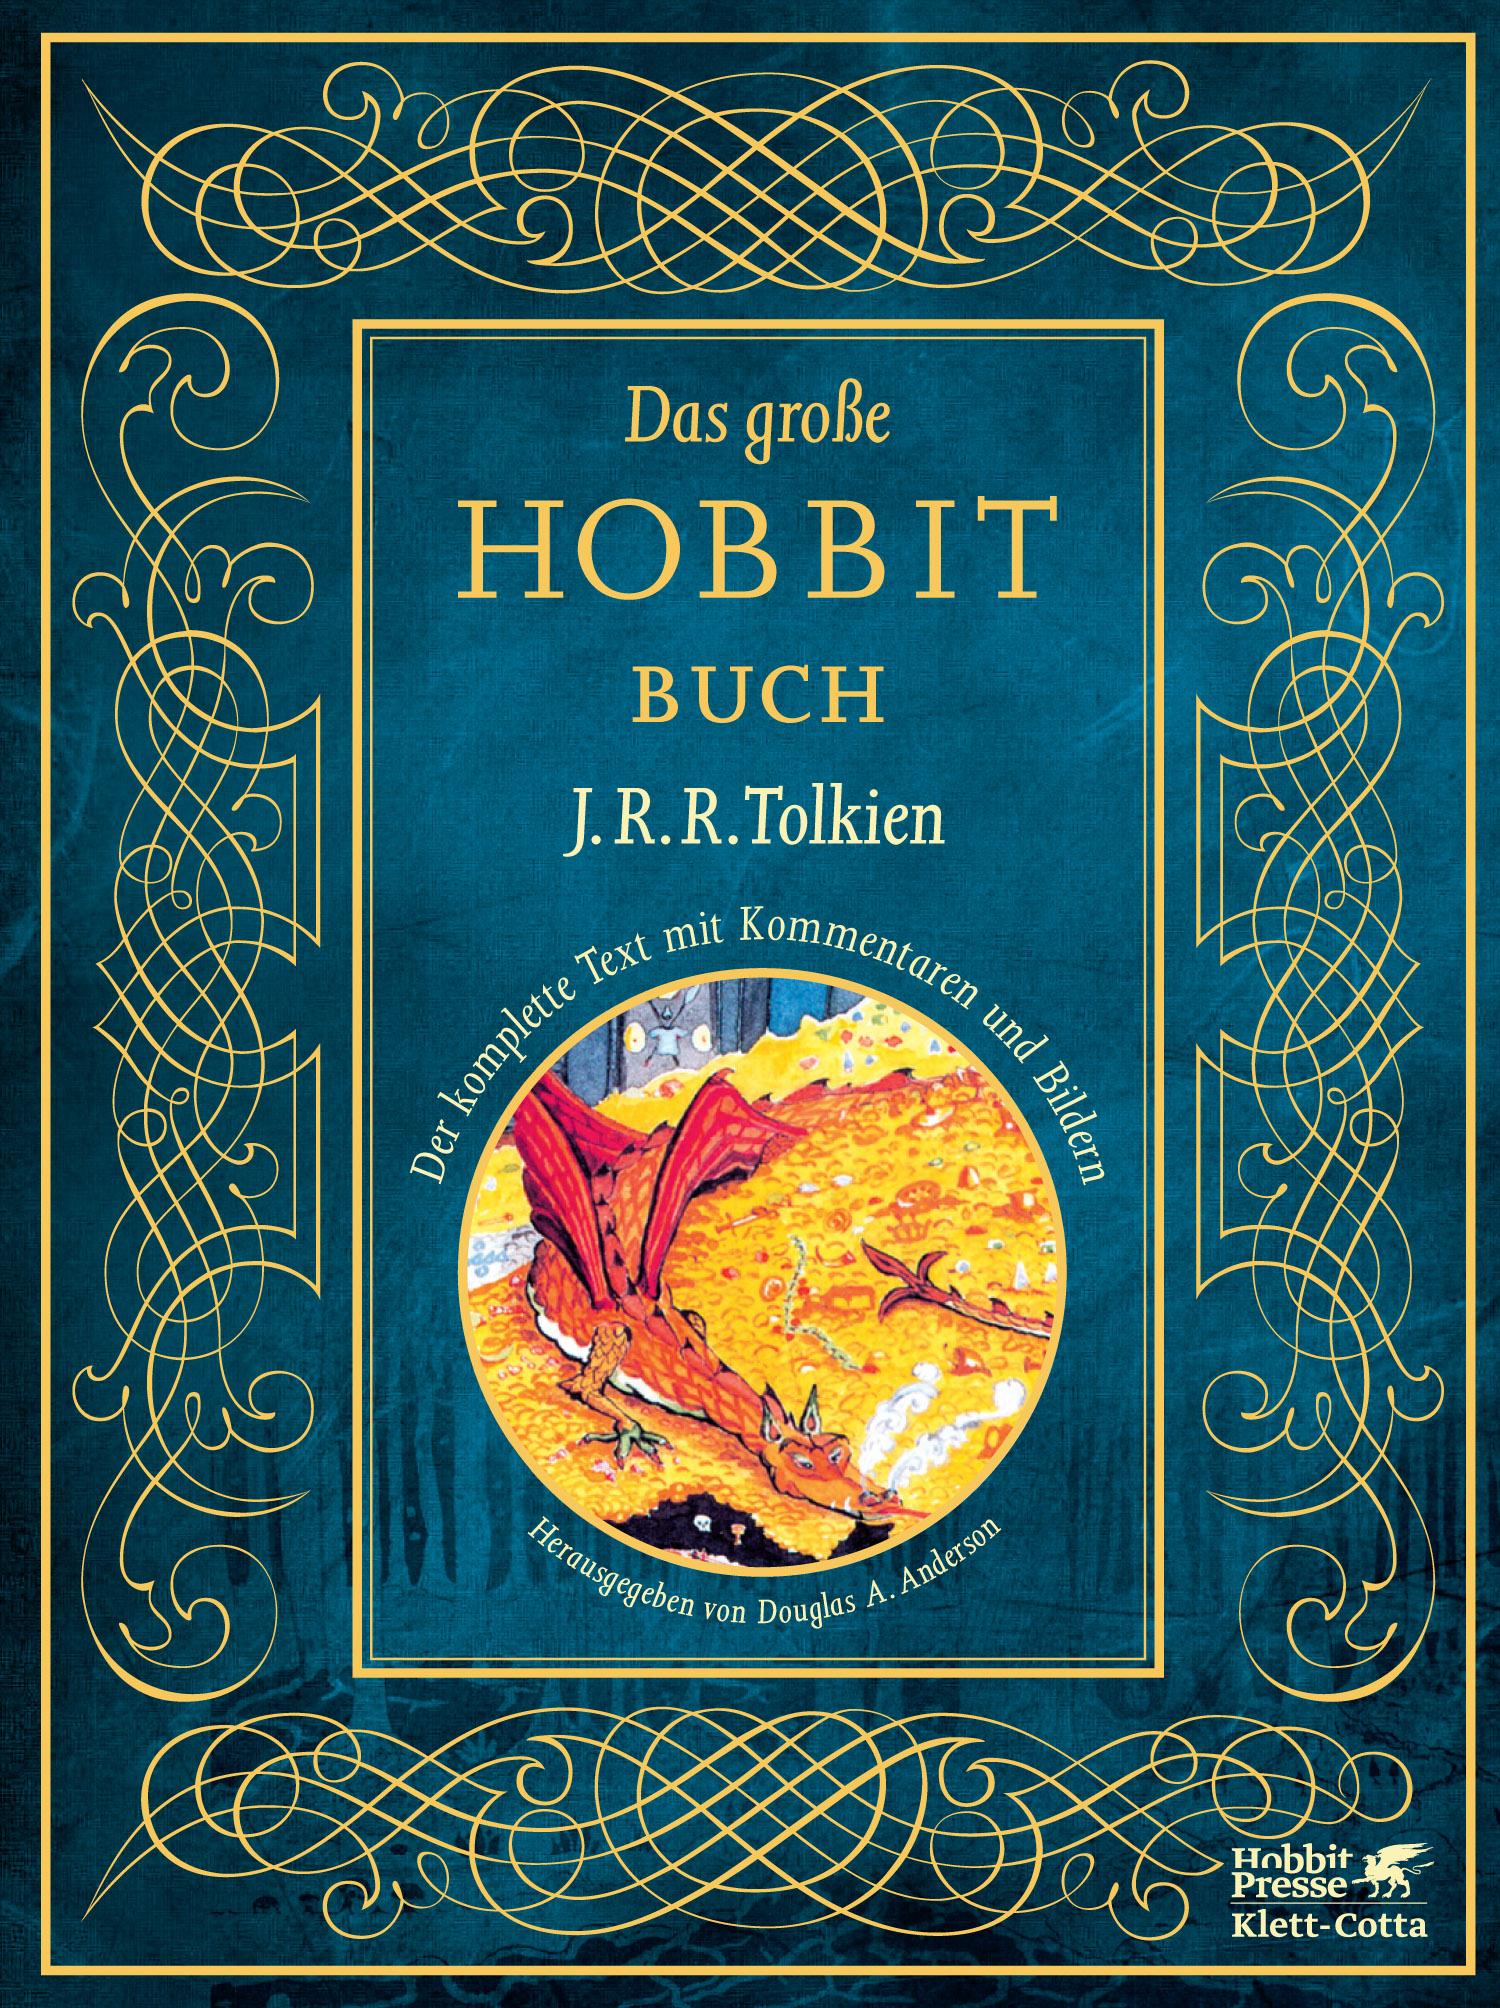 Das Große Hobbit-Buch: Der komplette Text mit Kommentaren und Bildern - John Ronald Reuel Tolkien